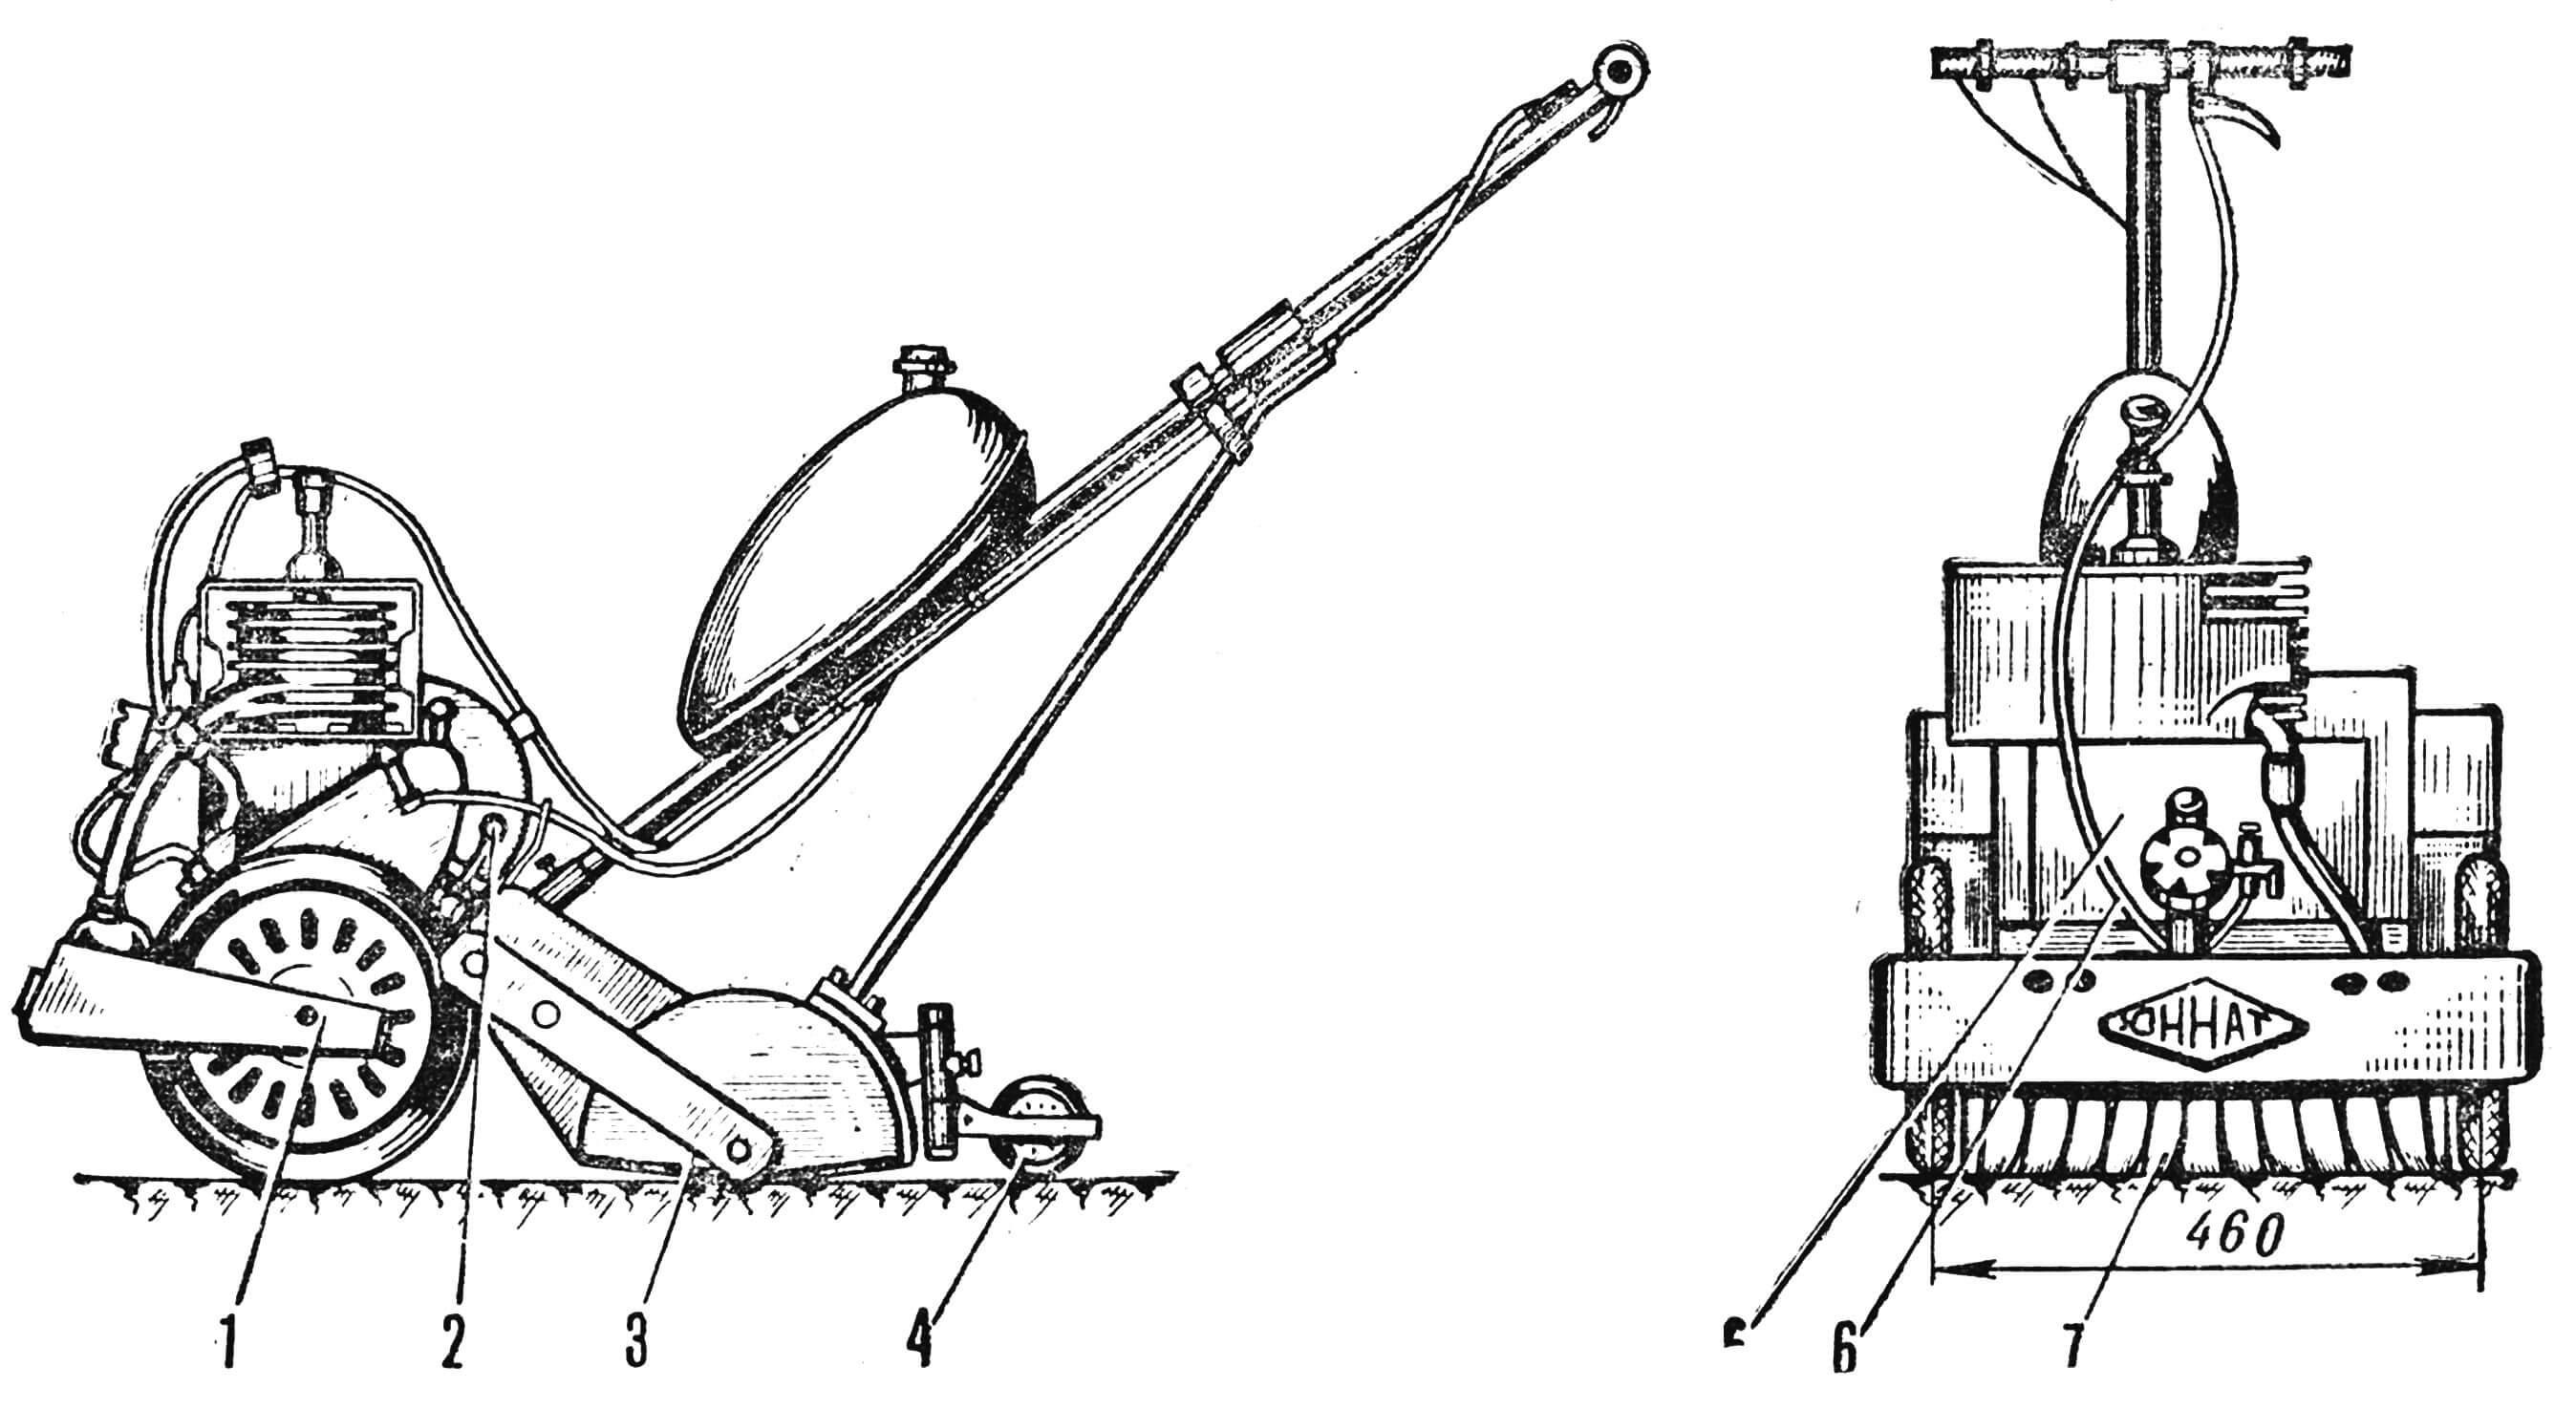 Рис. 2. Проекции моторобота «Юннат»: 1 — рама, 2 — рычаг включения рыхлителя, 3 — кожух, 4 — колесо для регулирования глубины рыхления, 5 — двигатель, 6 — трос управления двигателем, 7 — рыхлитель.